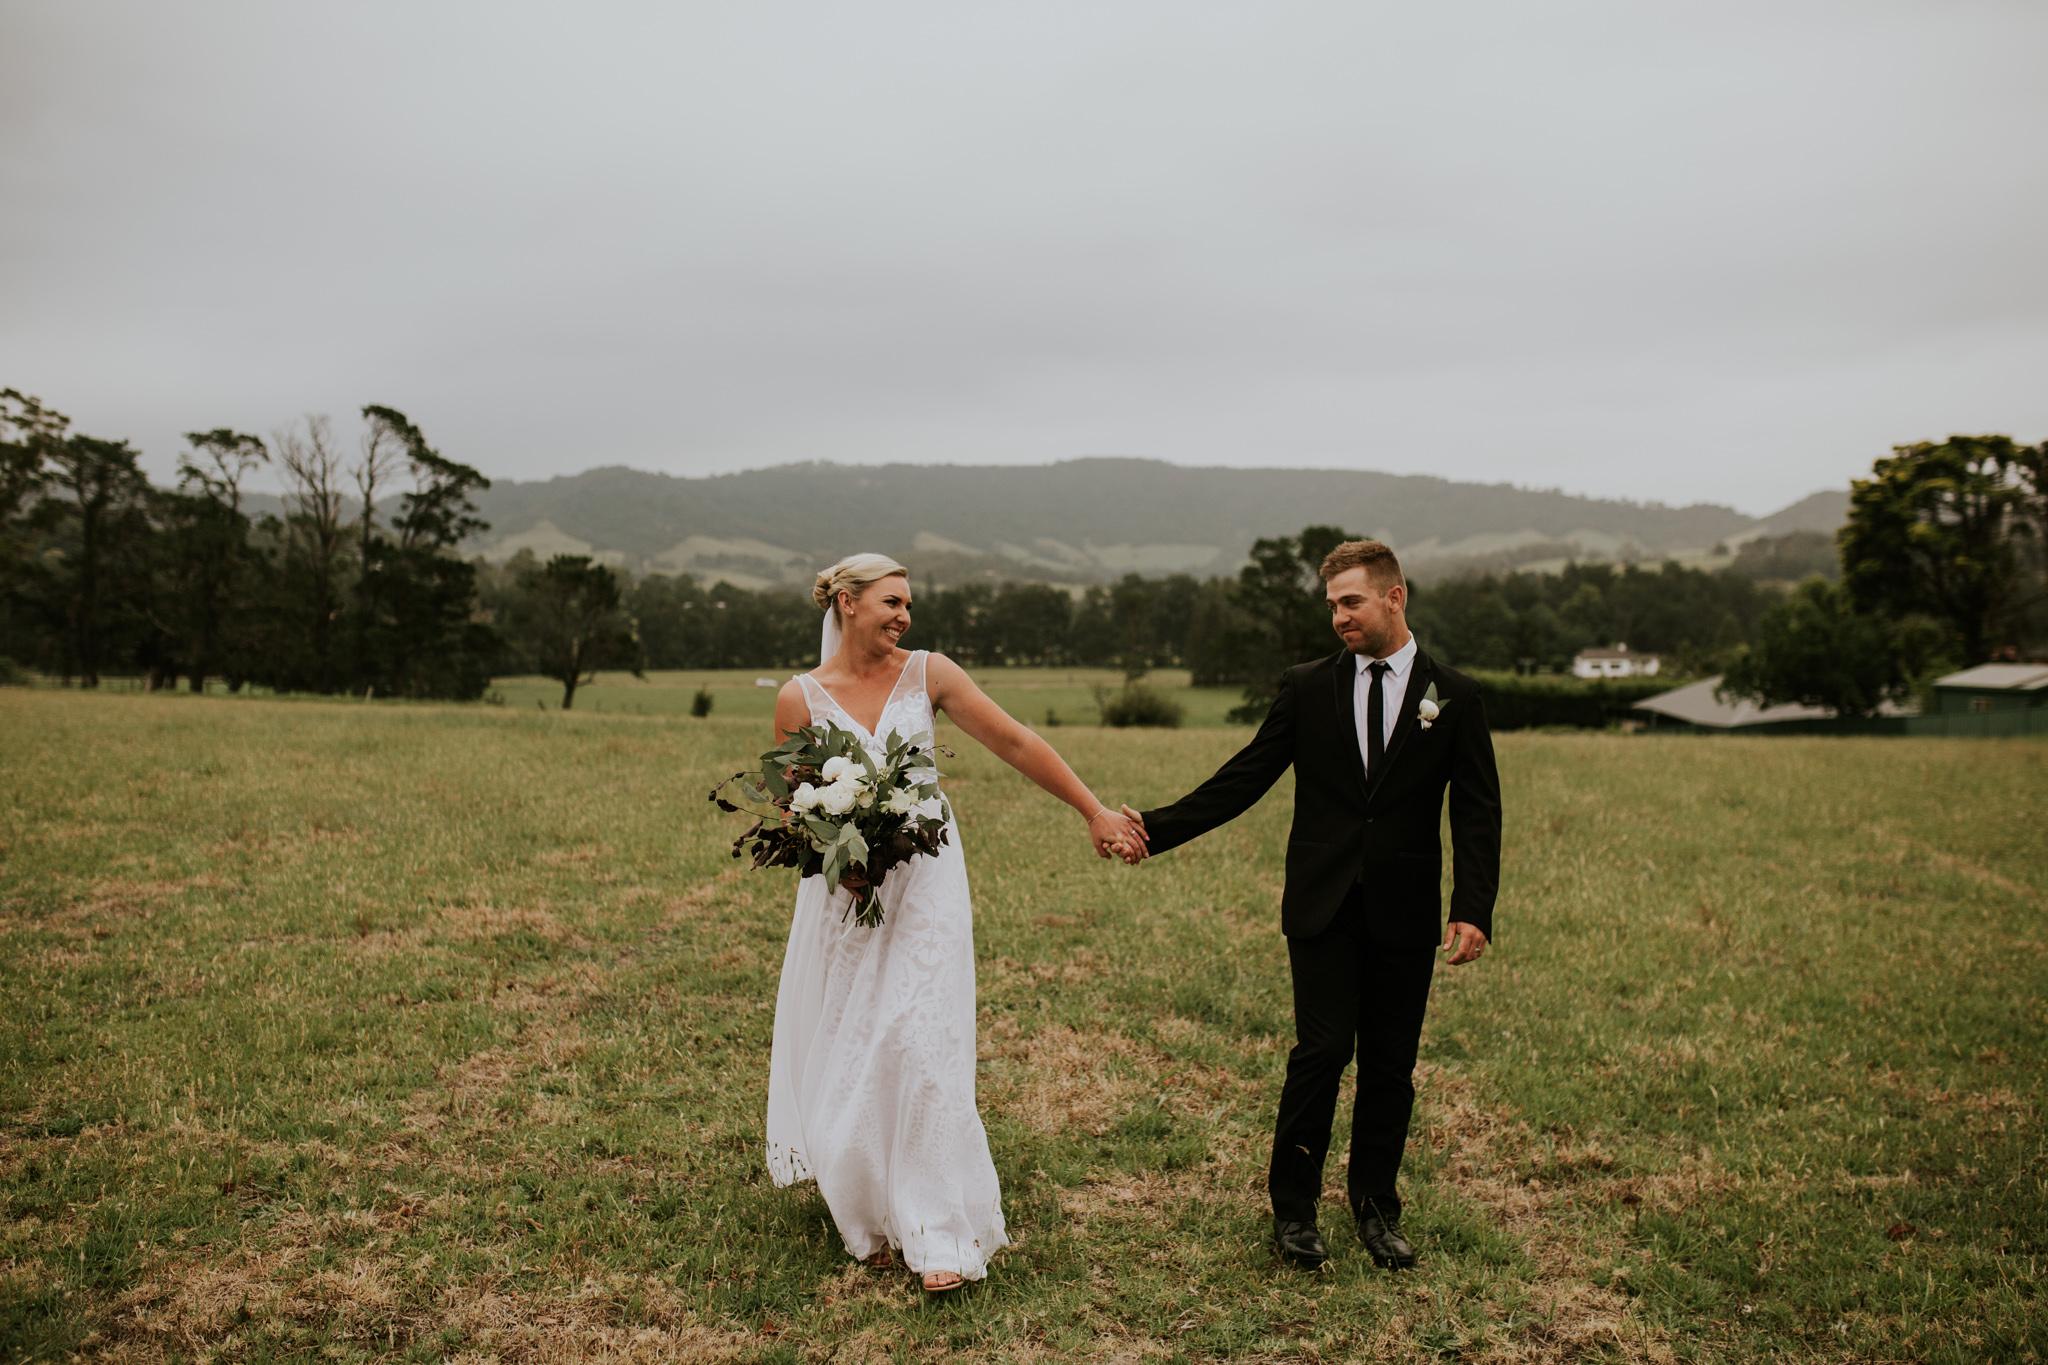 Lucy+Kyle+Kiama+Sebel+wedding-104.jpg